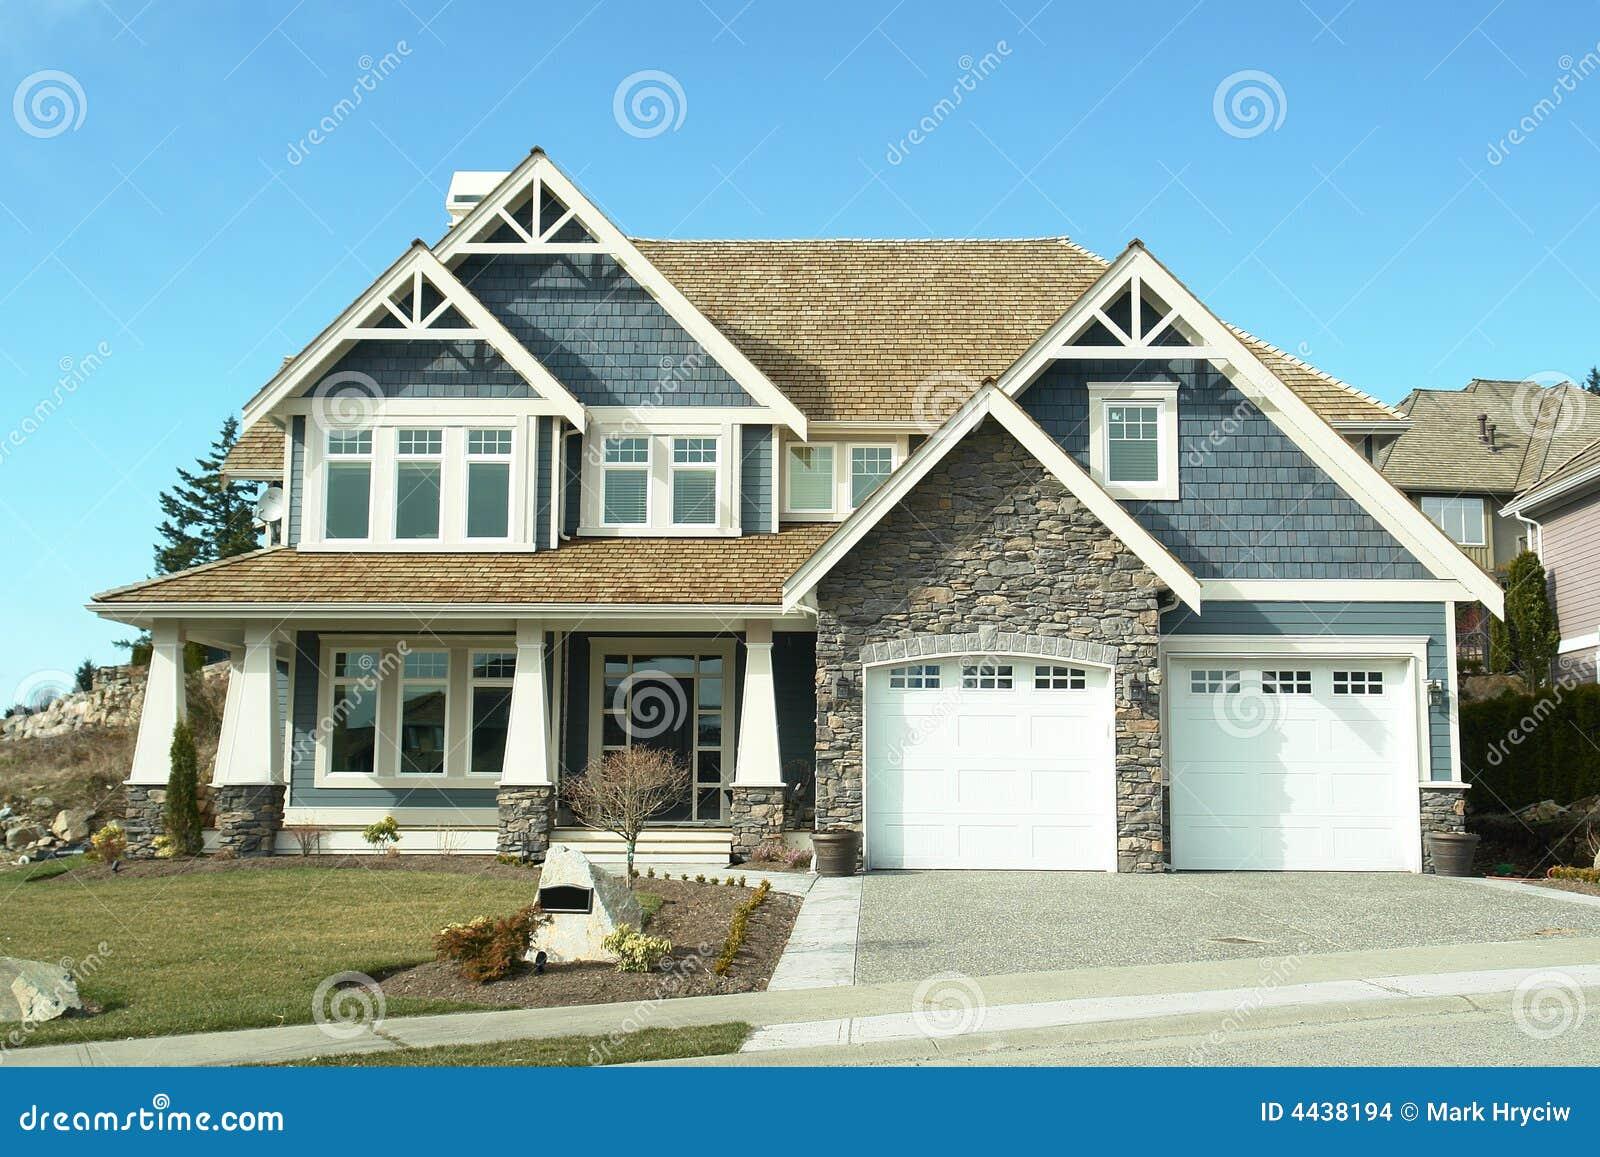 cr ateur bleu de chambre la maison neuf images stock